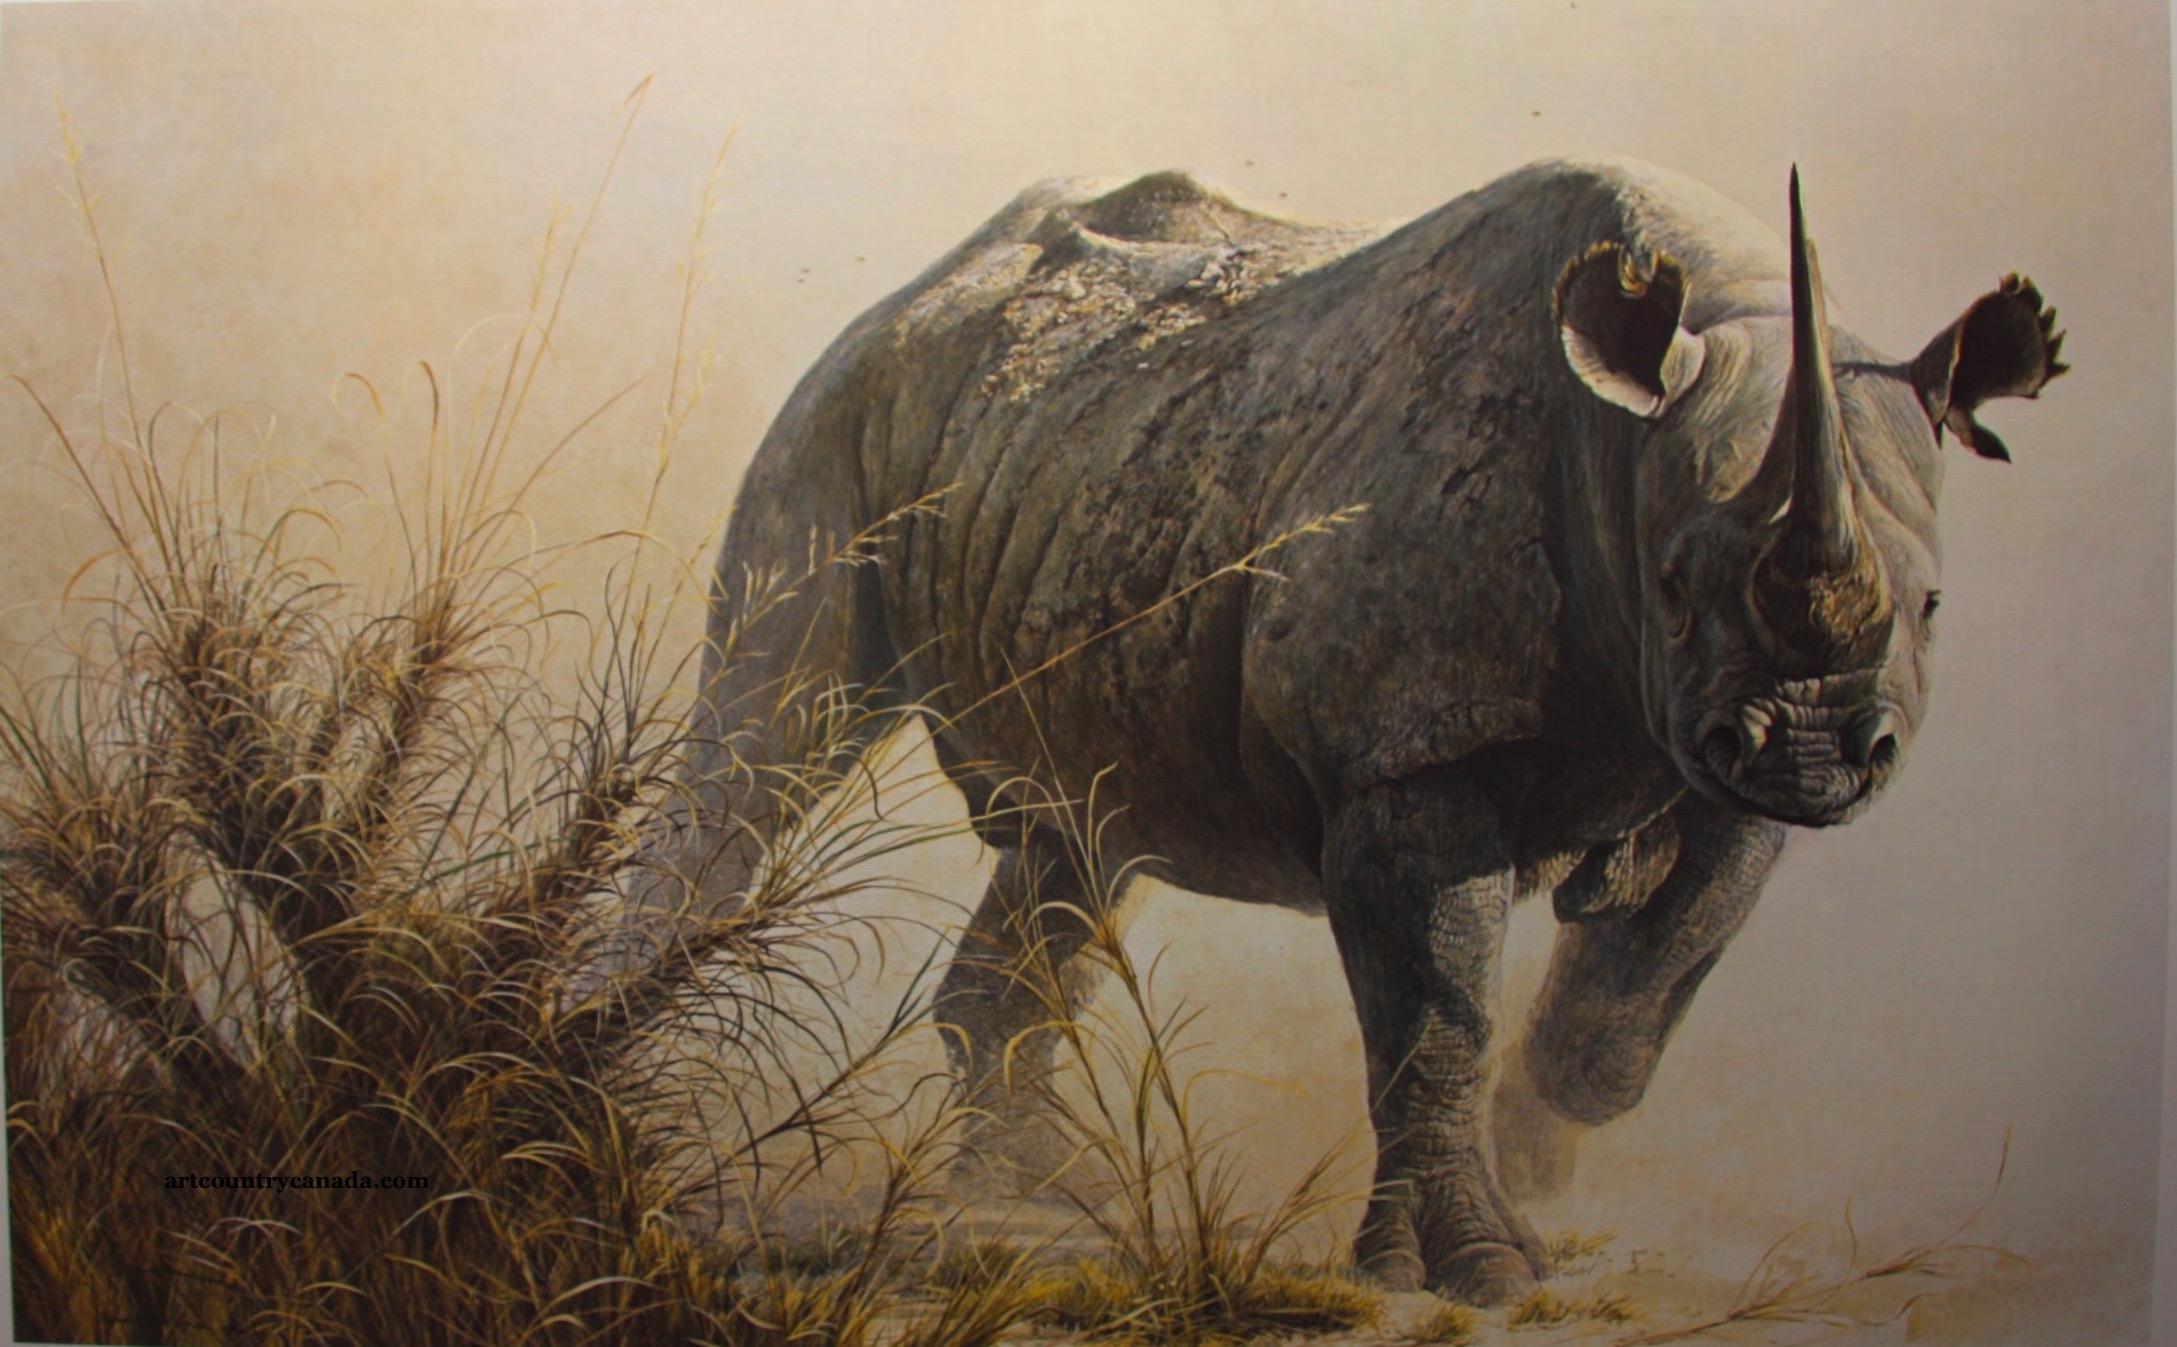 Robert bateman Charging Rhino